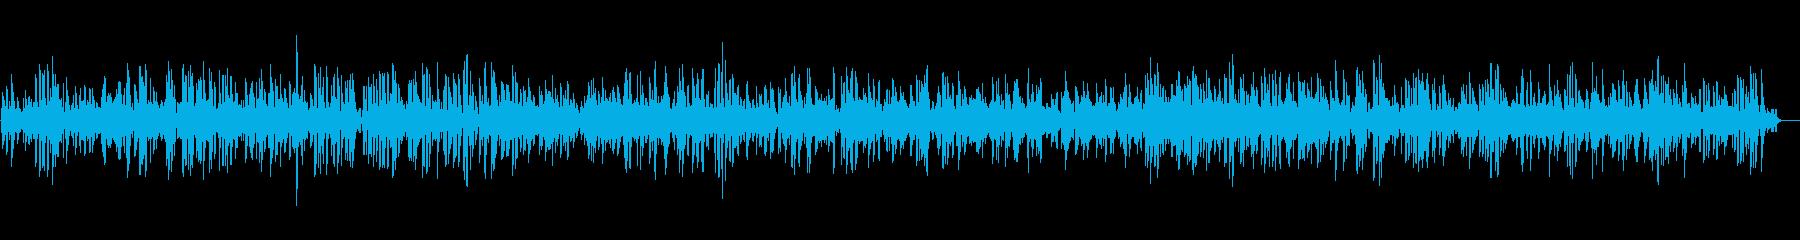 お洒落なジャズ&ボサノバ!カフェBGMの再生済みの波形